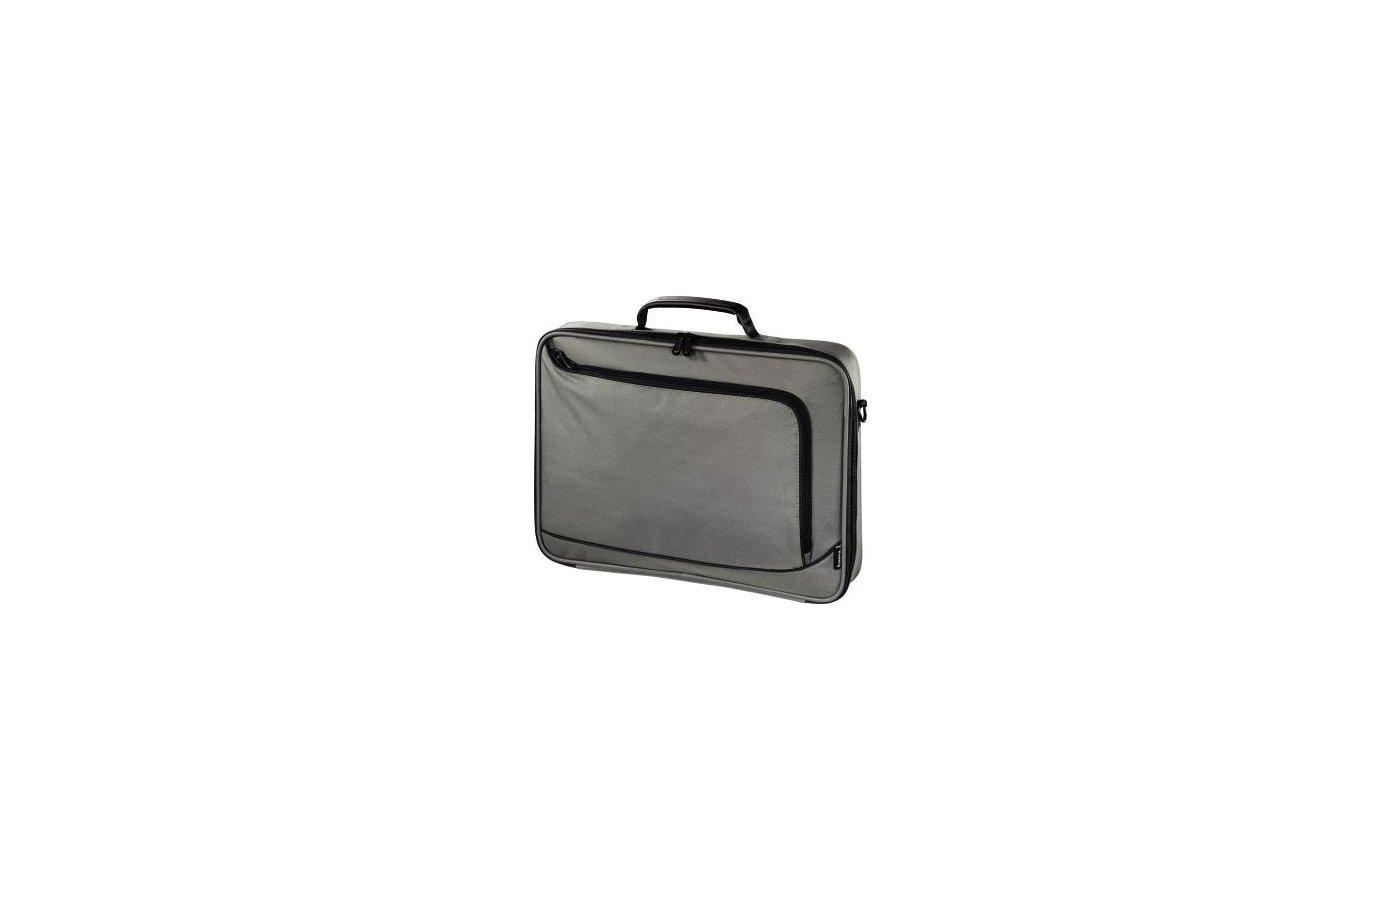 """Кейс для ноутбука Hama для ноутбука 17.3"""" Sportsline Bordeaux Серый Полиэстер"""